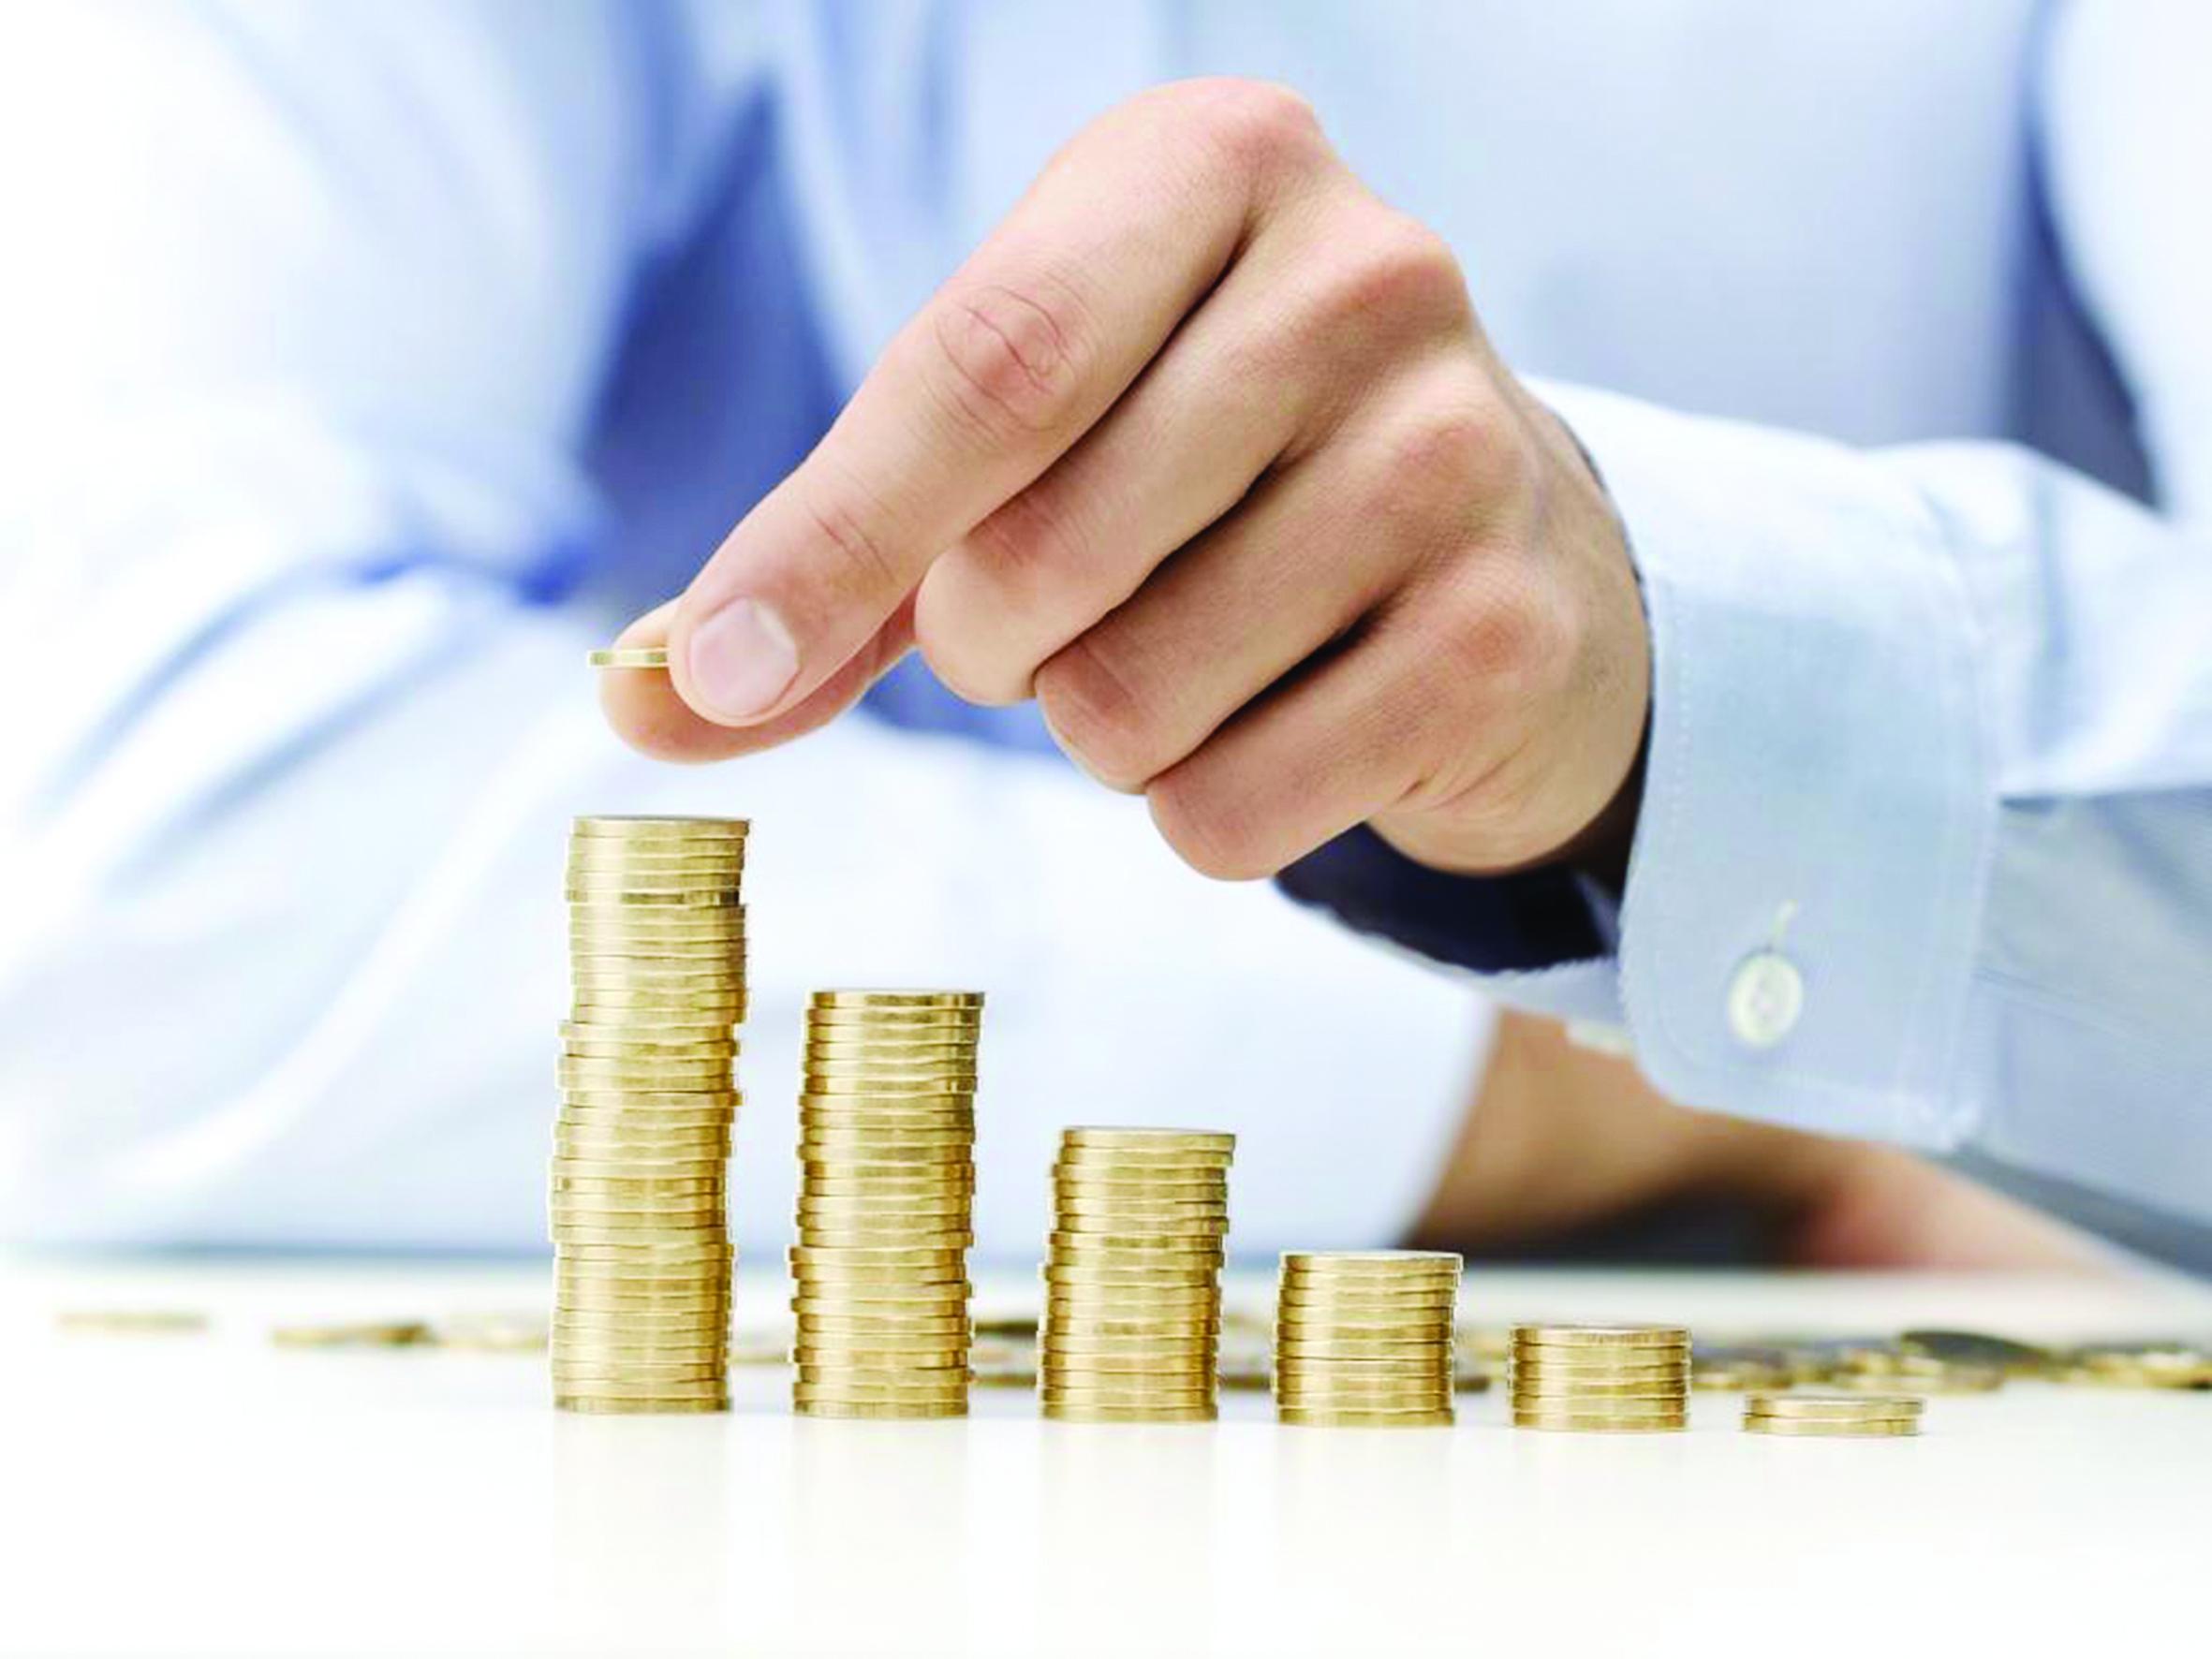 شروع سرمایهگذاری در سهام – قسمت سی و هشتم